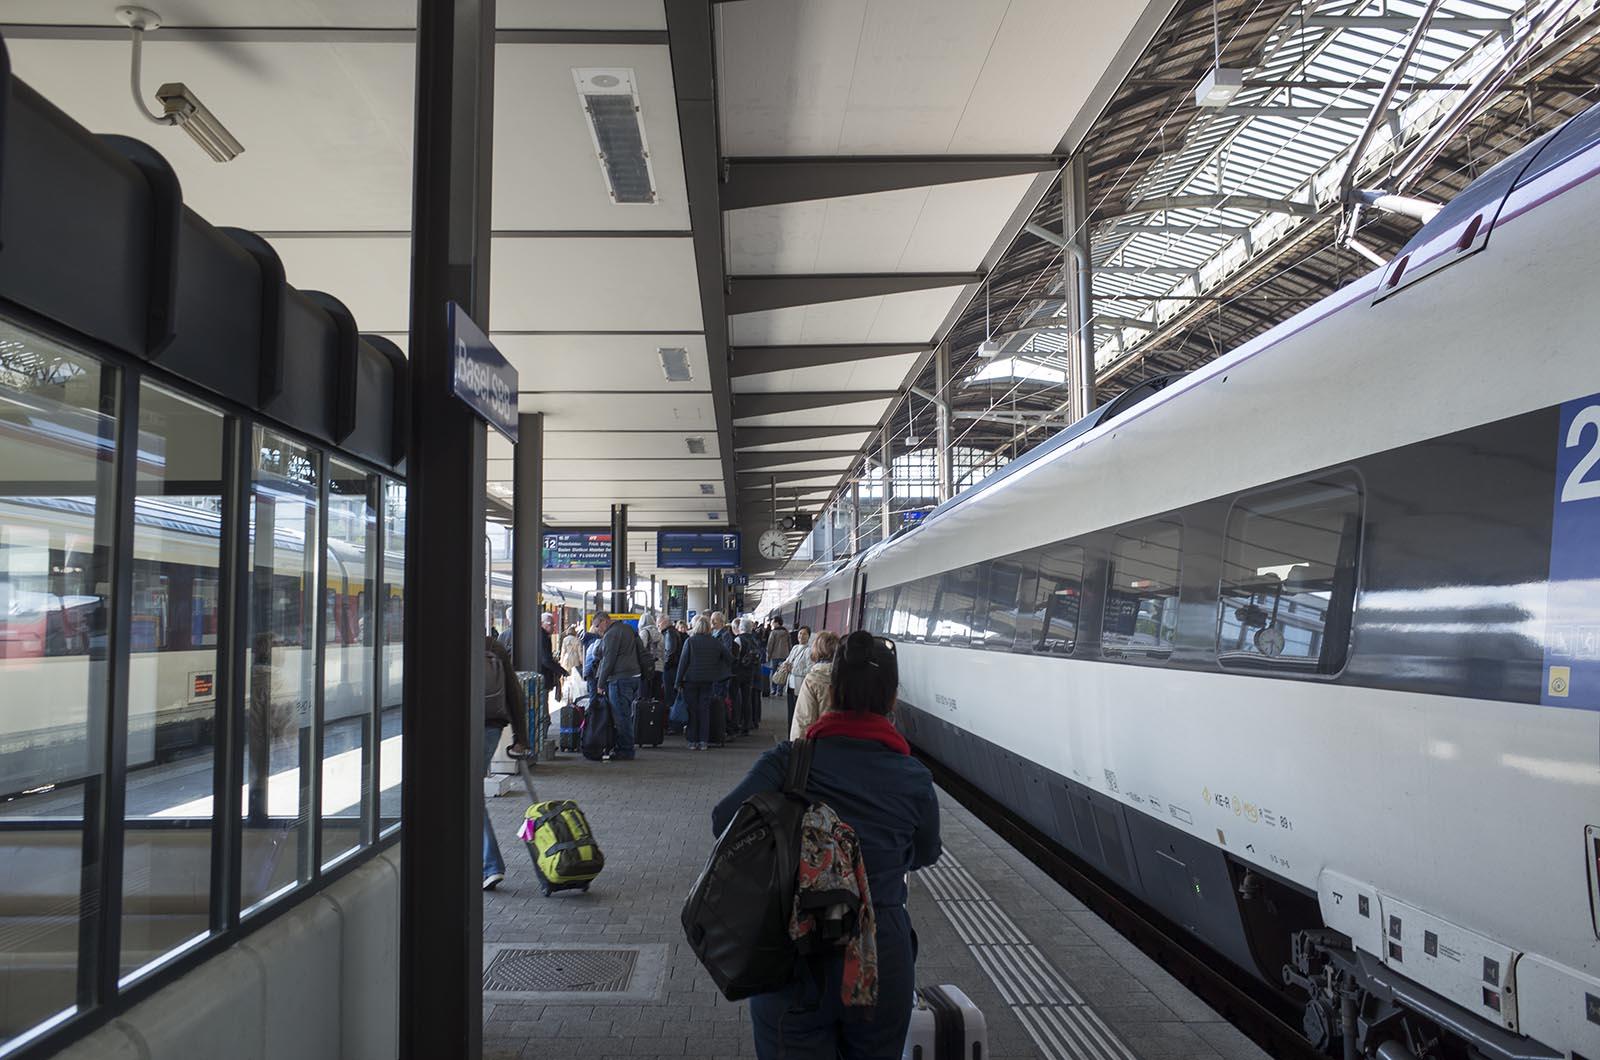 ヨーロッパ鉄道建築の旅'16:2日目 ミラノからスイス・バーゼルへ・ゲーテアヌム建築